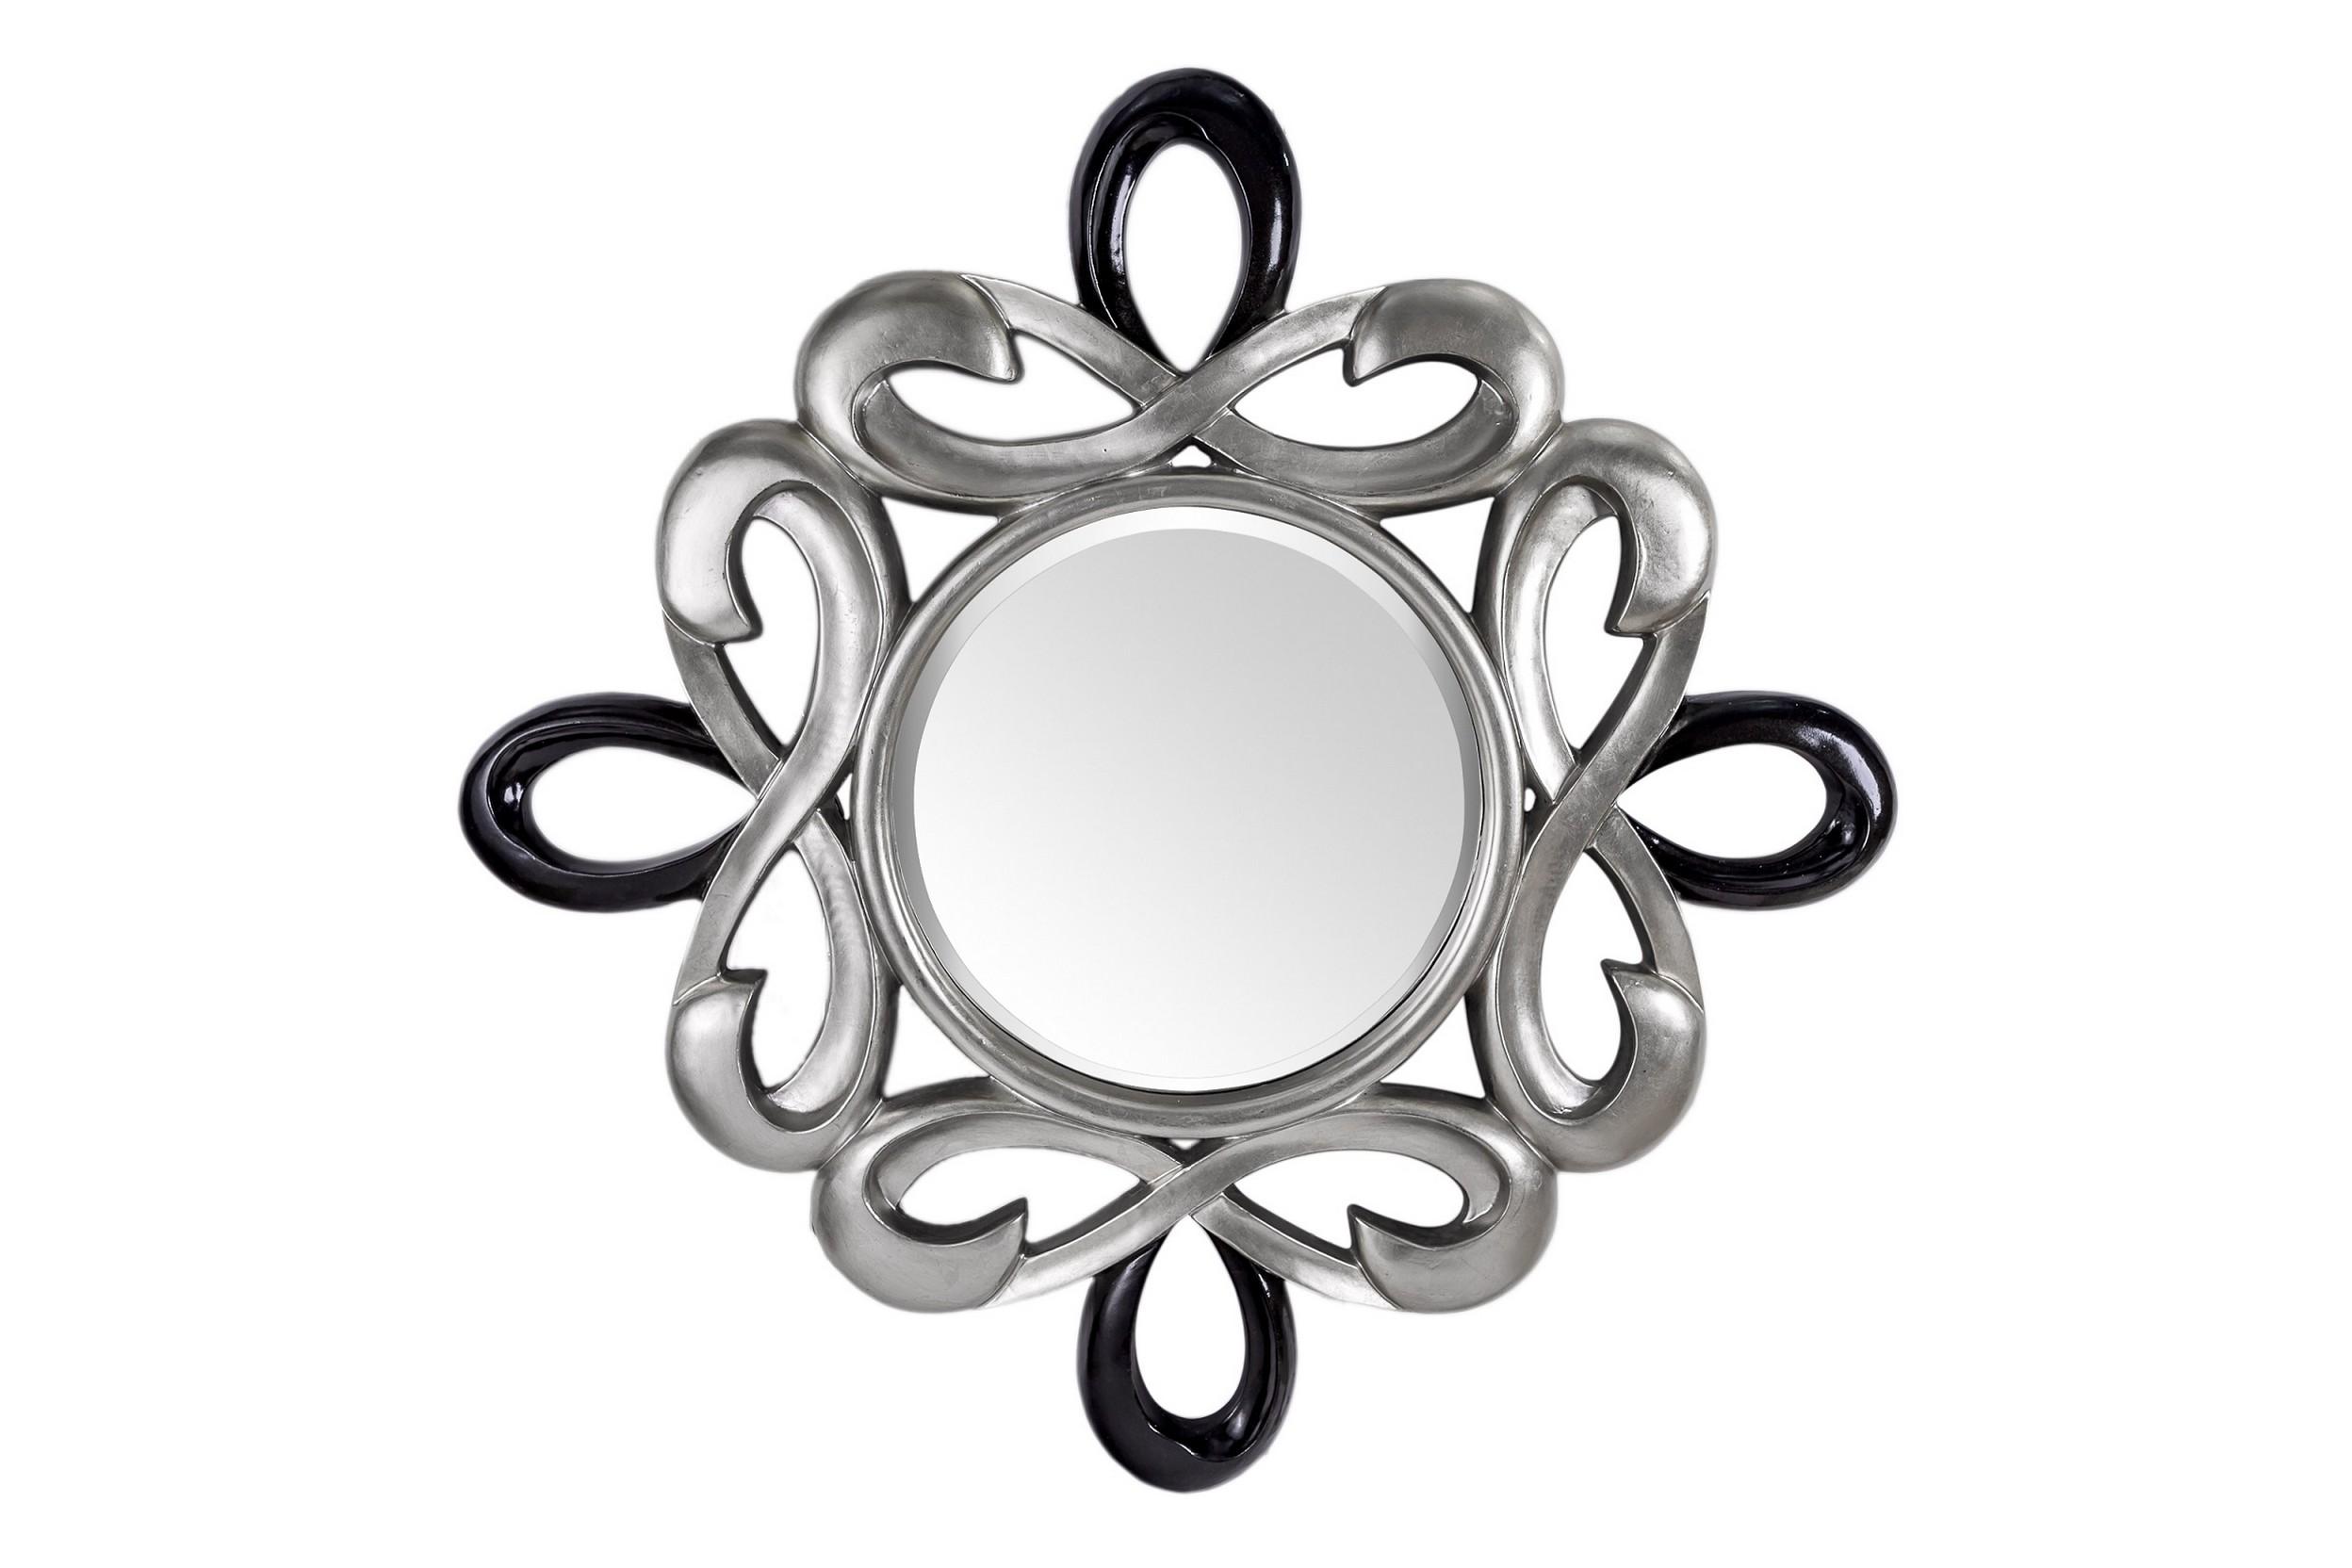 Зеркало ZodiacНастенные зеркала<br><br><br>Material: Стекло<br>Length см: None<br>Width см: 101.0<br>Depth см: 5.0<br>Height см: 101.0<br>Diameter см: None